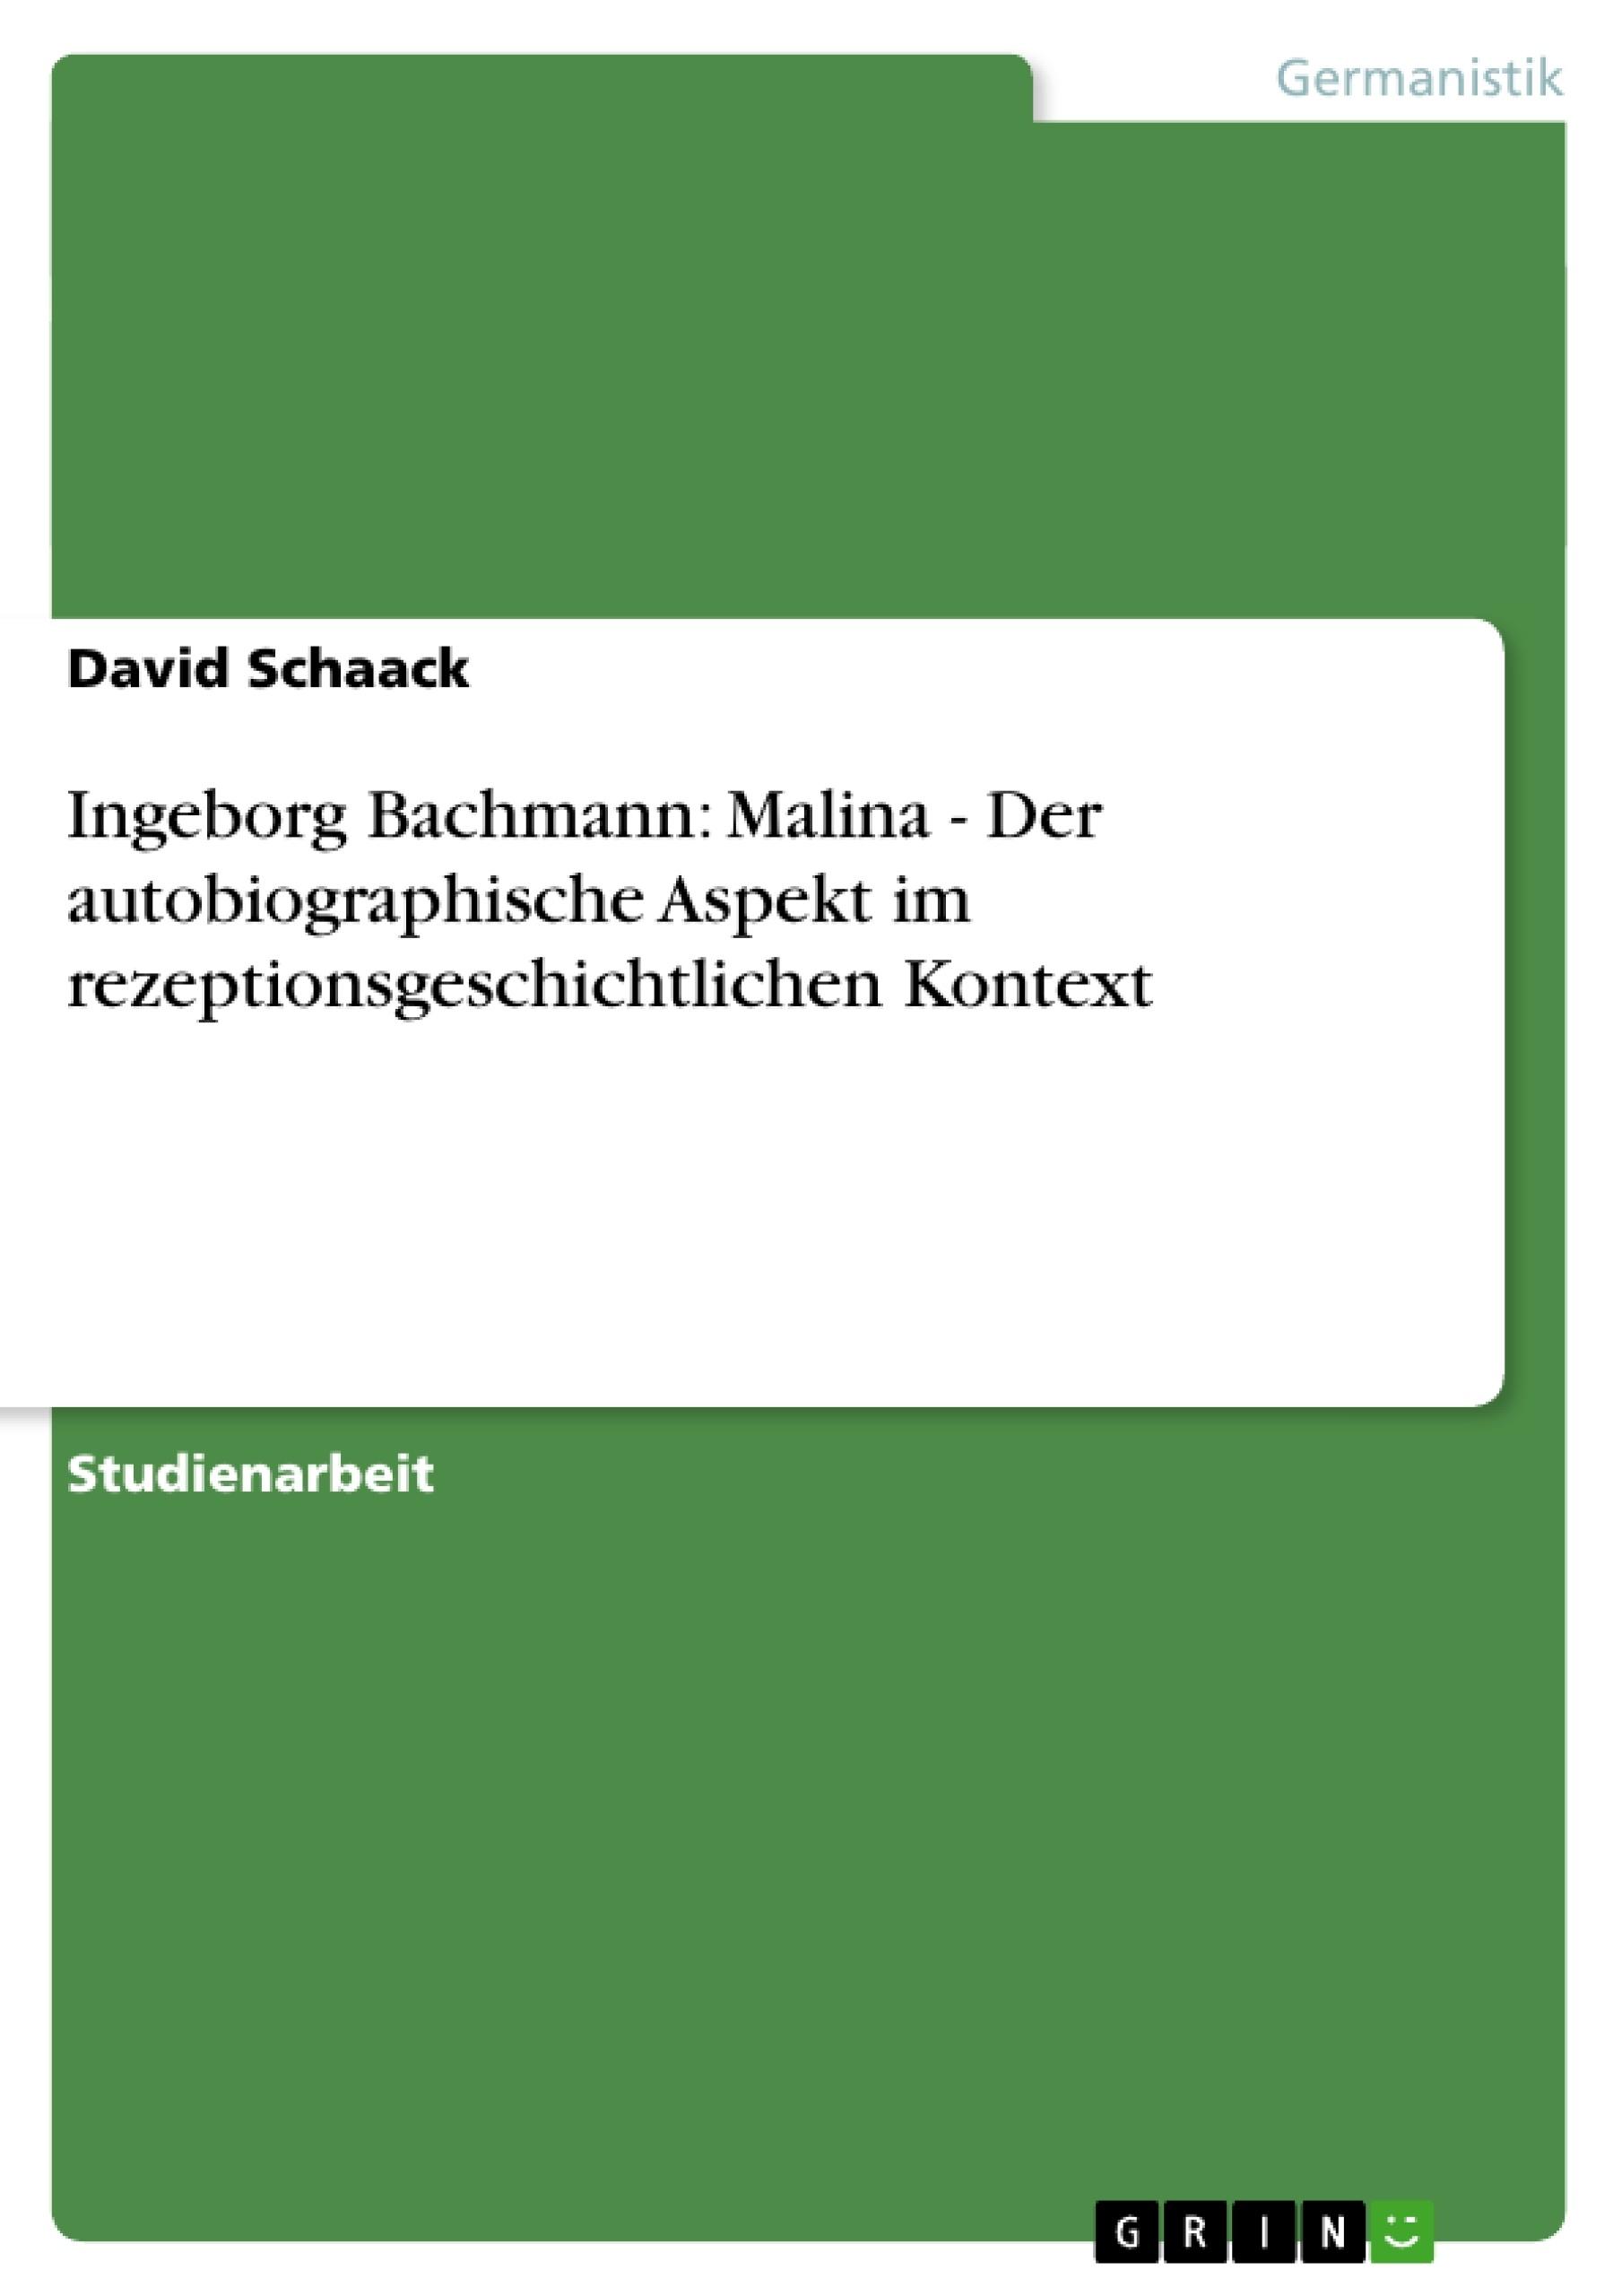 Titel: Ingeborg Bachmann: Malina - Der autobiographische Aspekt im rezeptionsgeschichtlichen Kontext